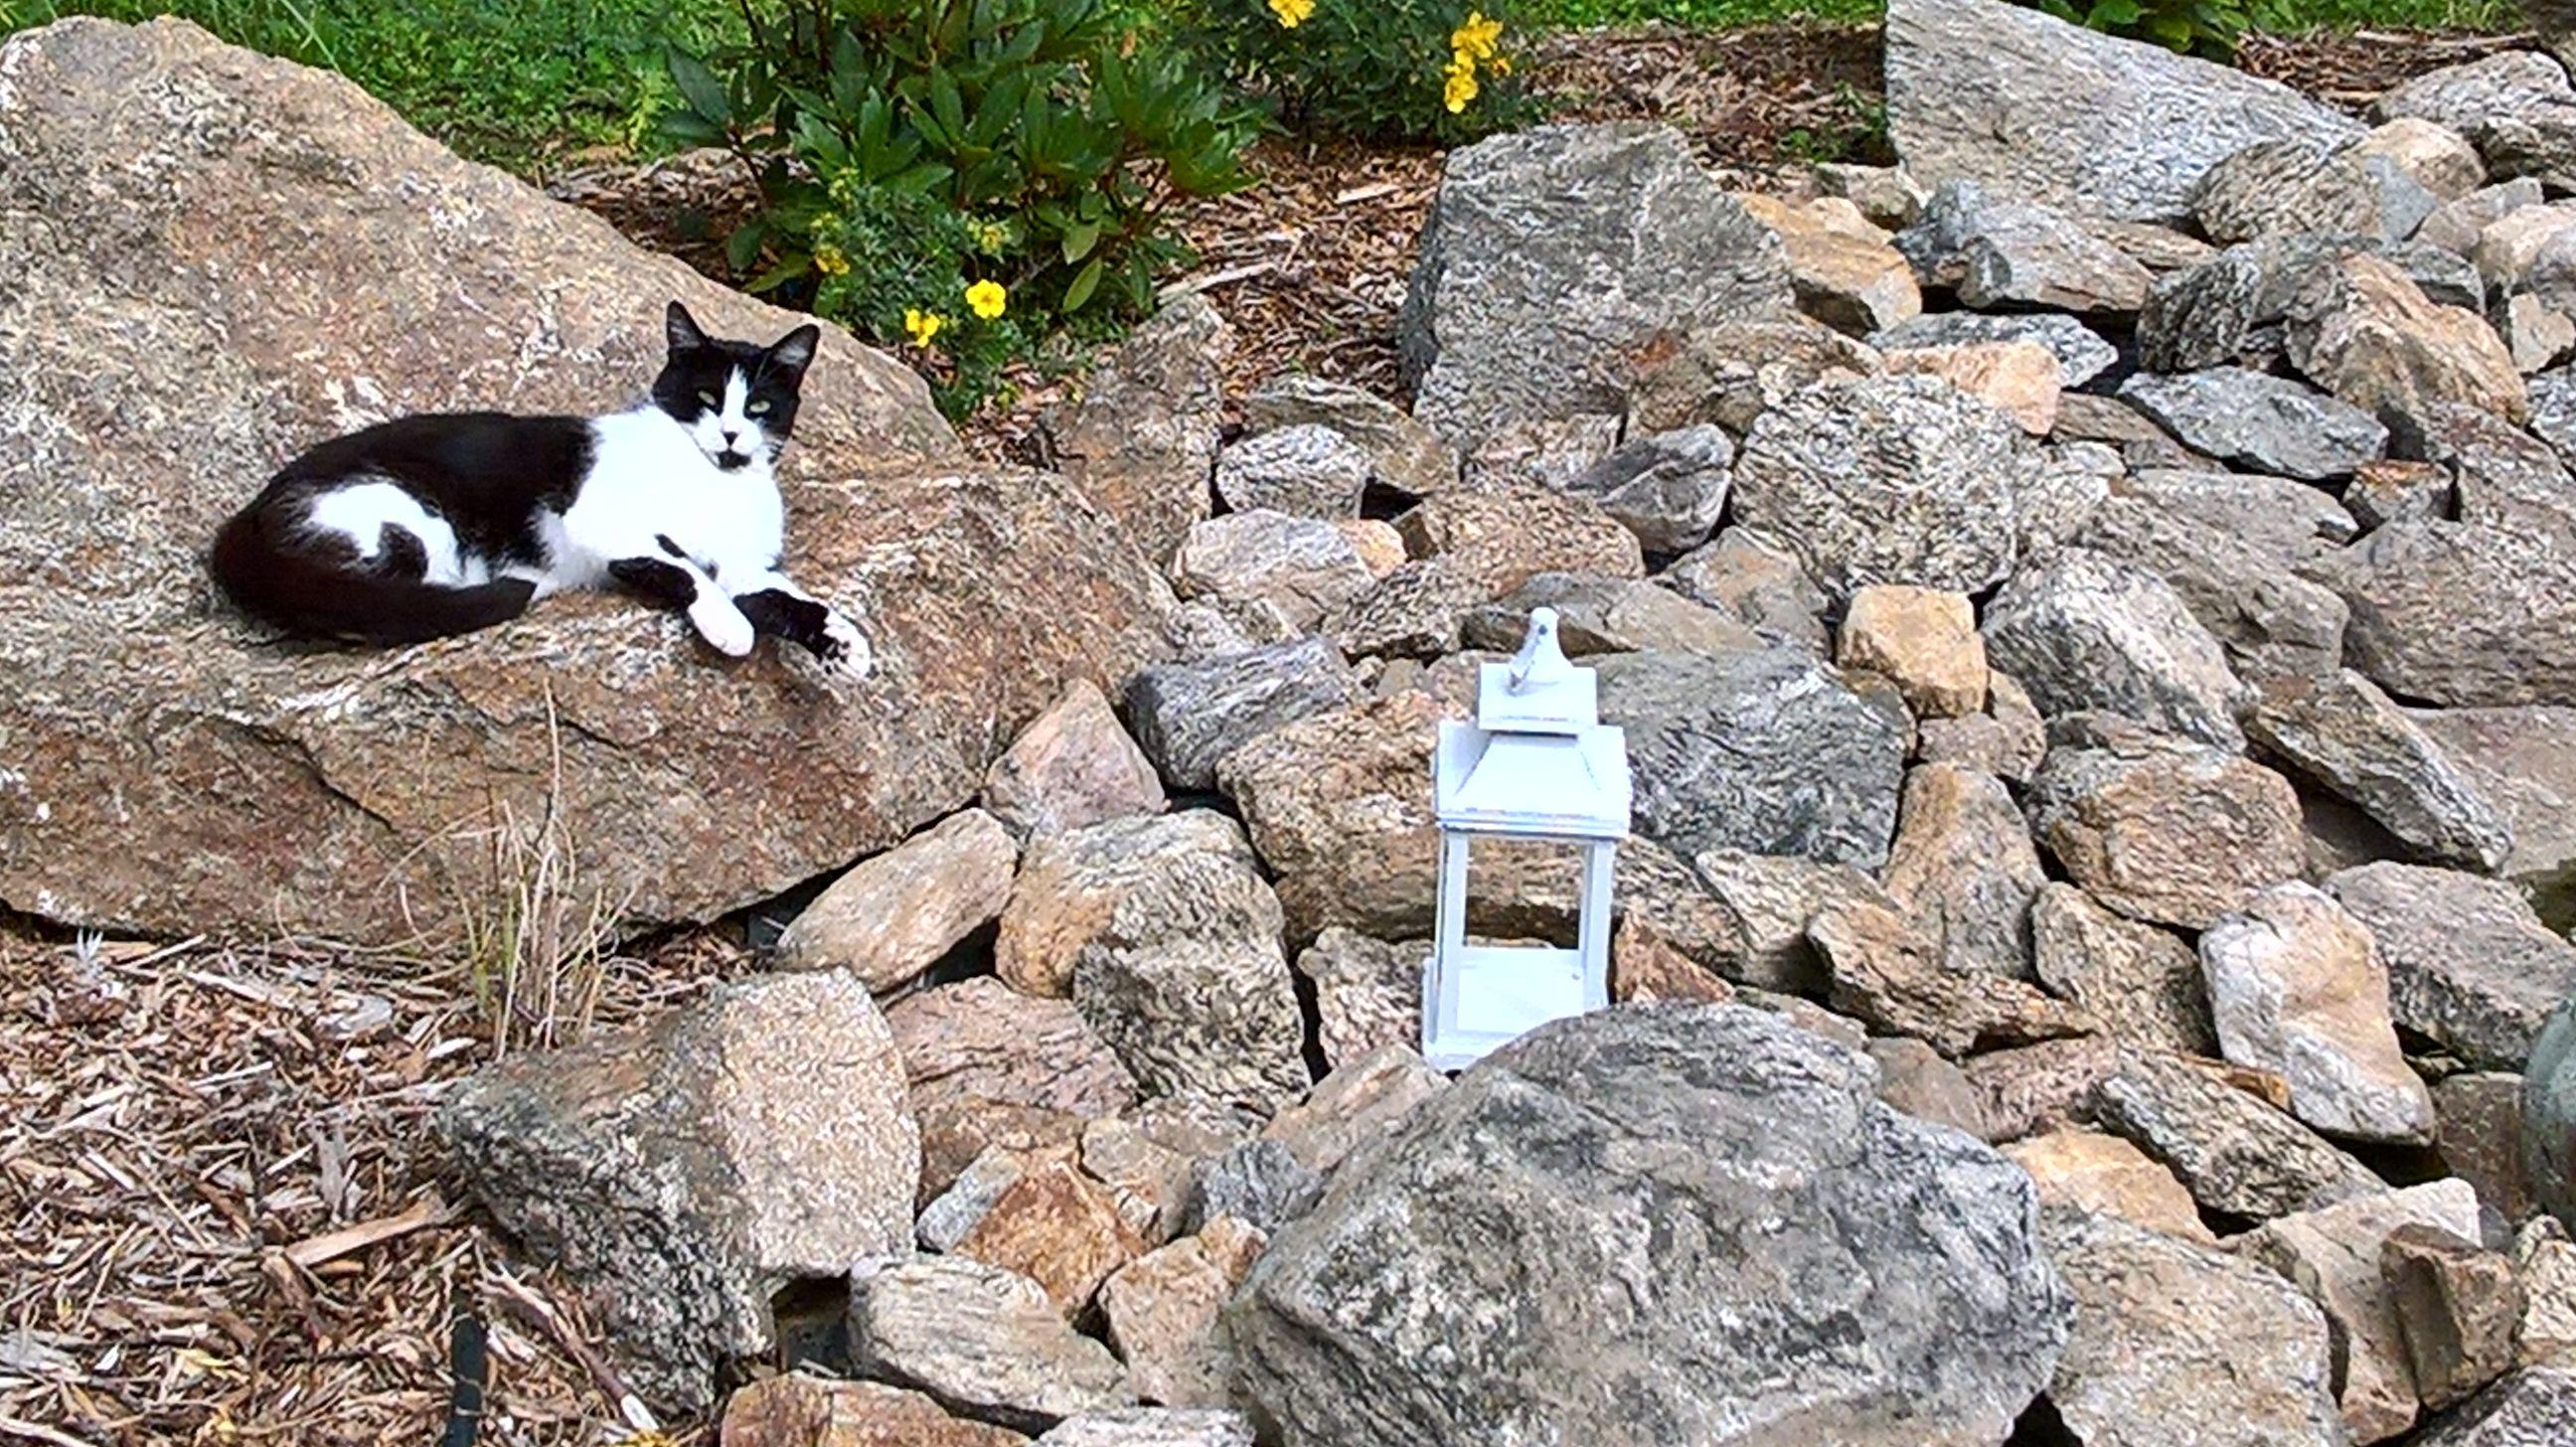 le chat s'est installé sur les pierres du jardin